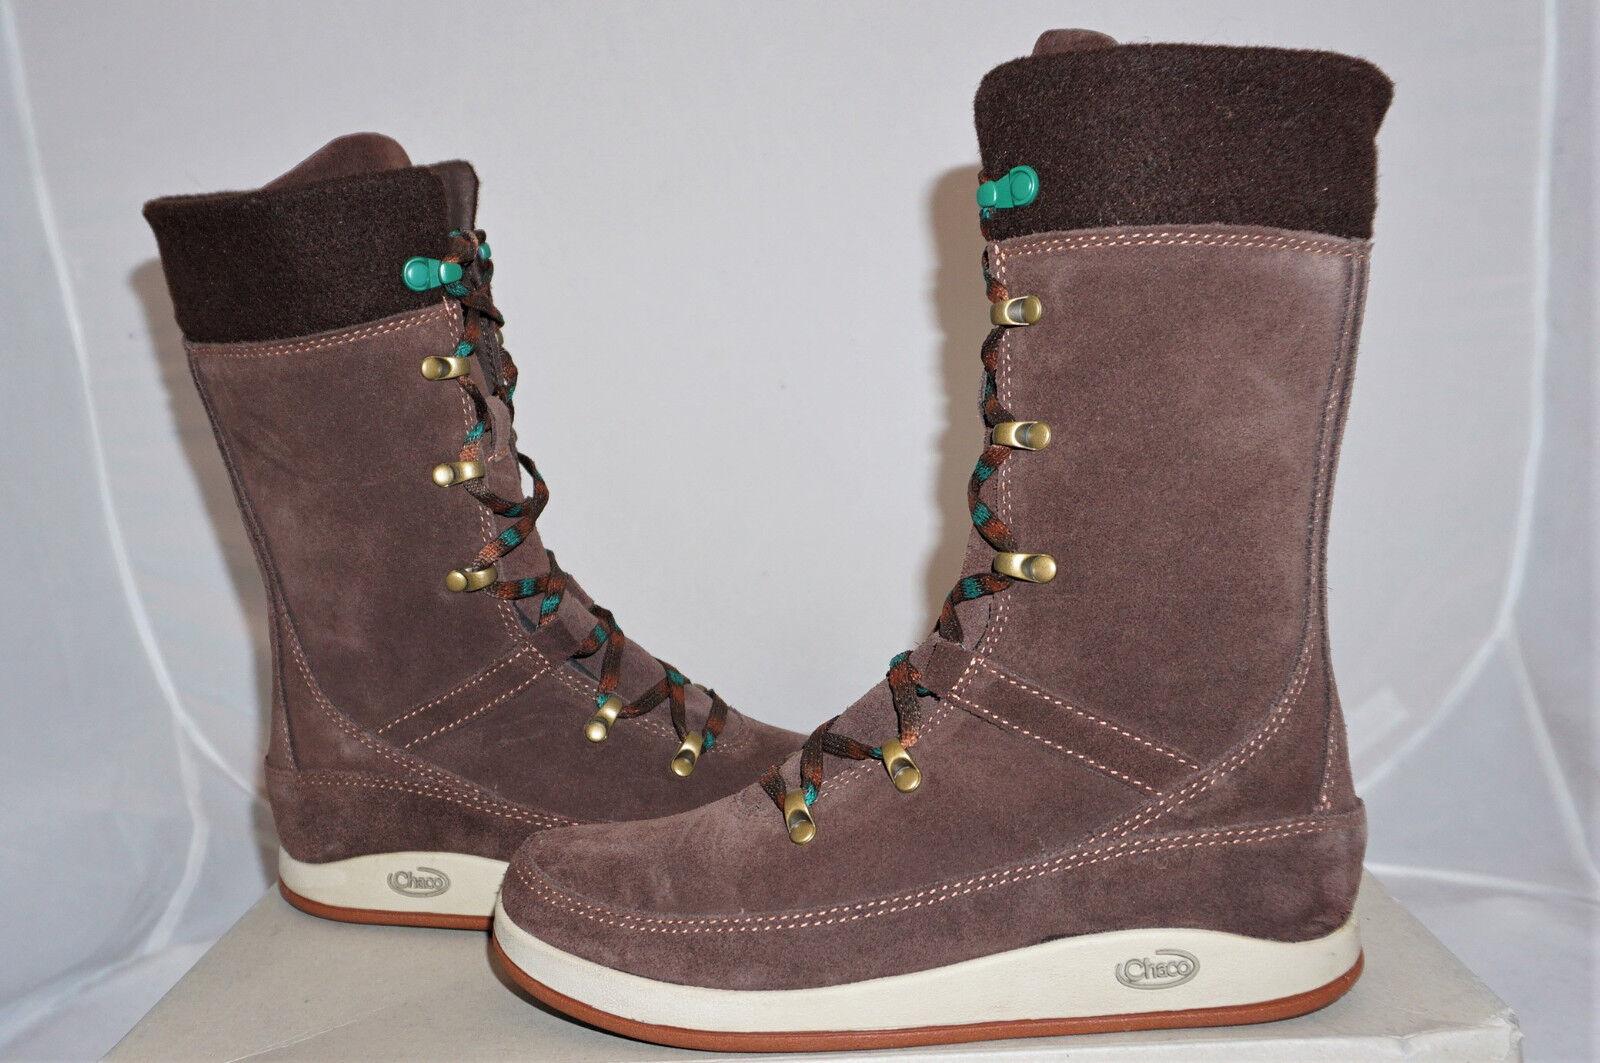 Chaco Uma UK 9 EU 42 US 11 Winterstiefel hohe Schuhe braun Leder NEU